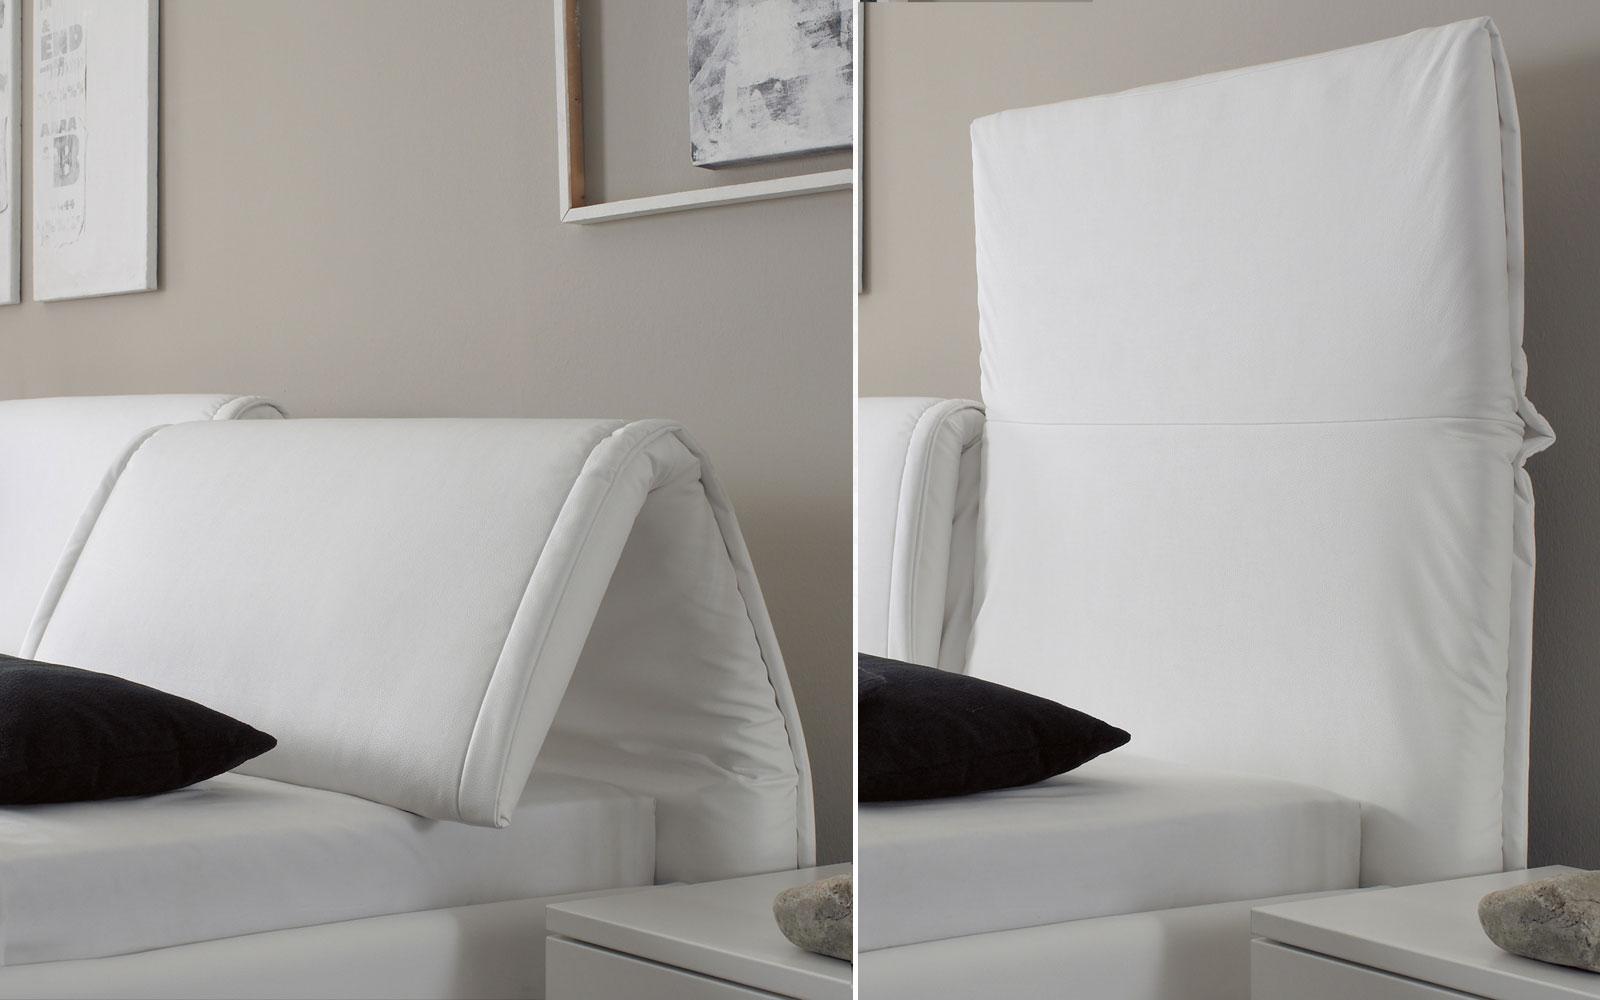 Ausgezeichnet Bettgestelle Für Verstellbare Betten Galerie ...